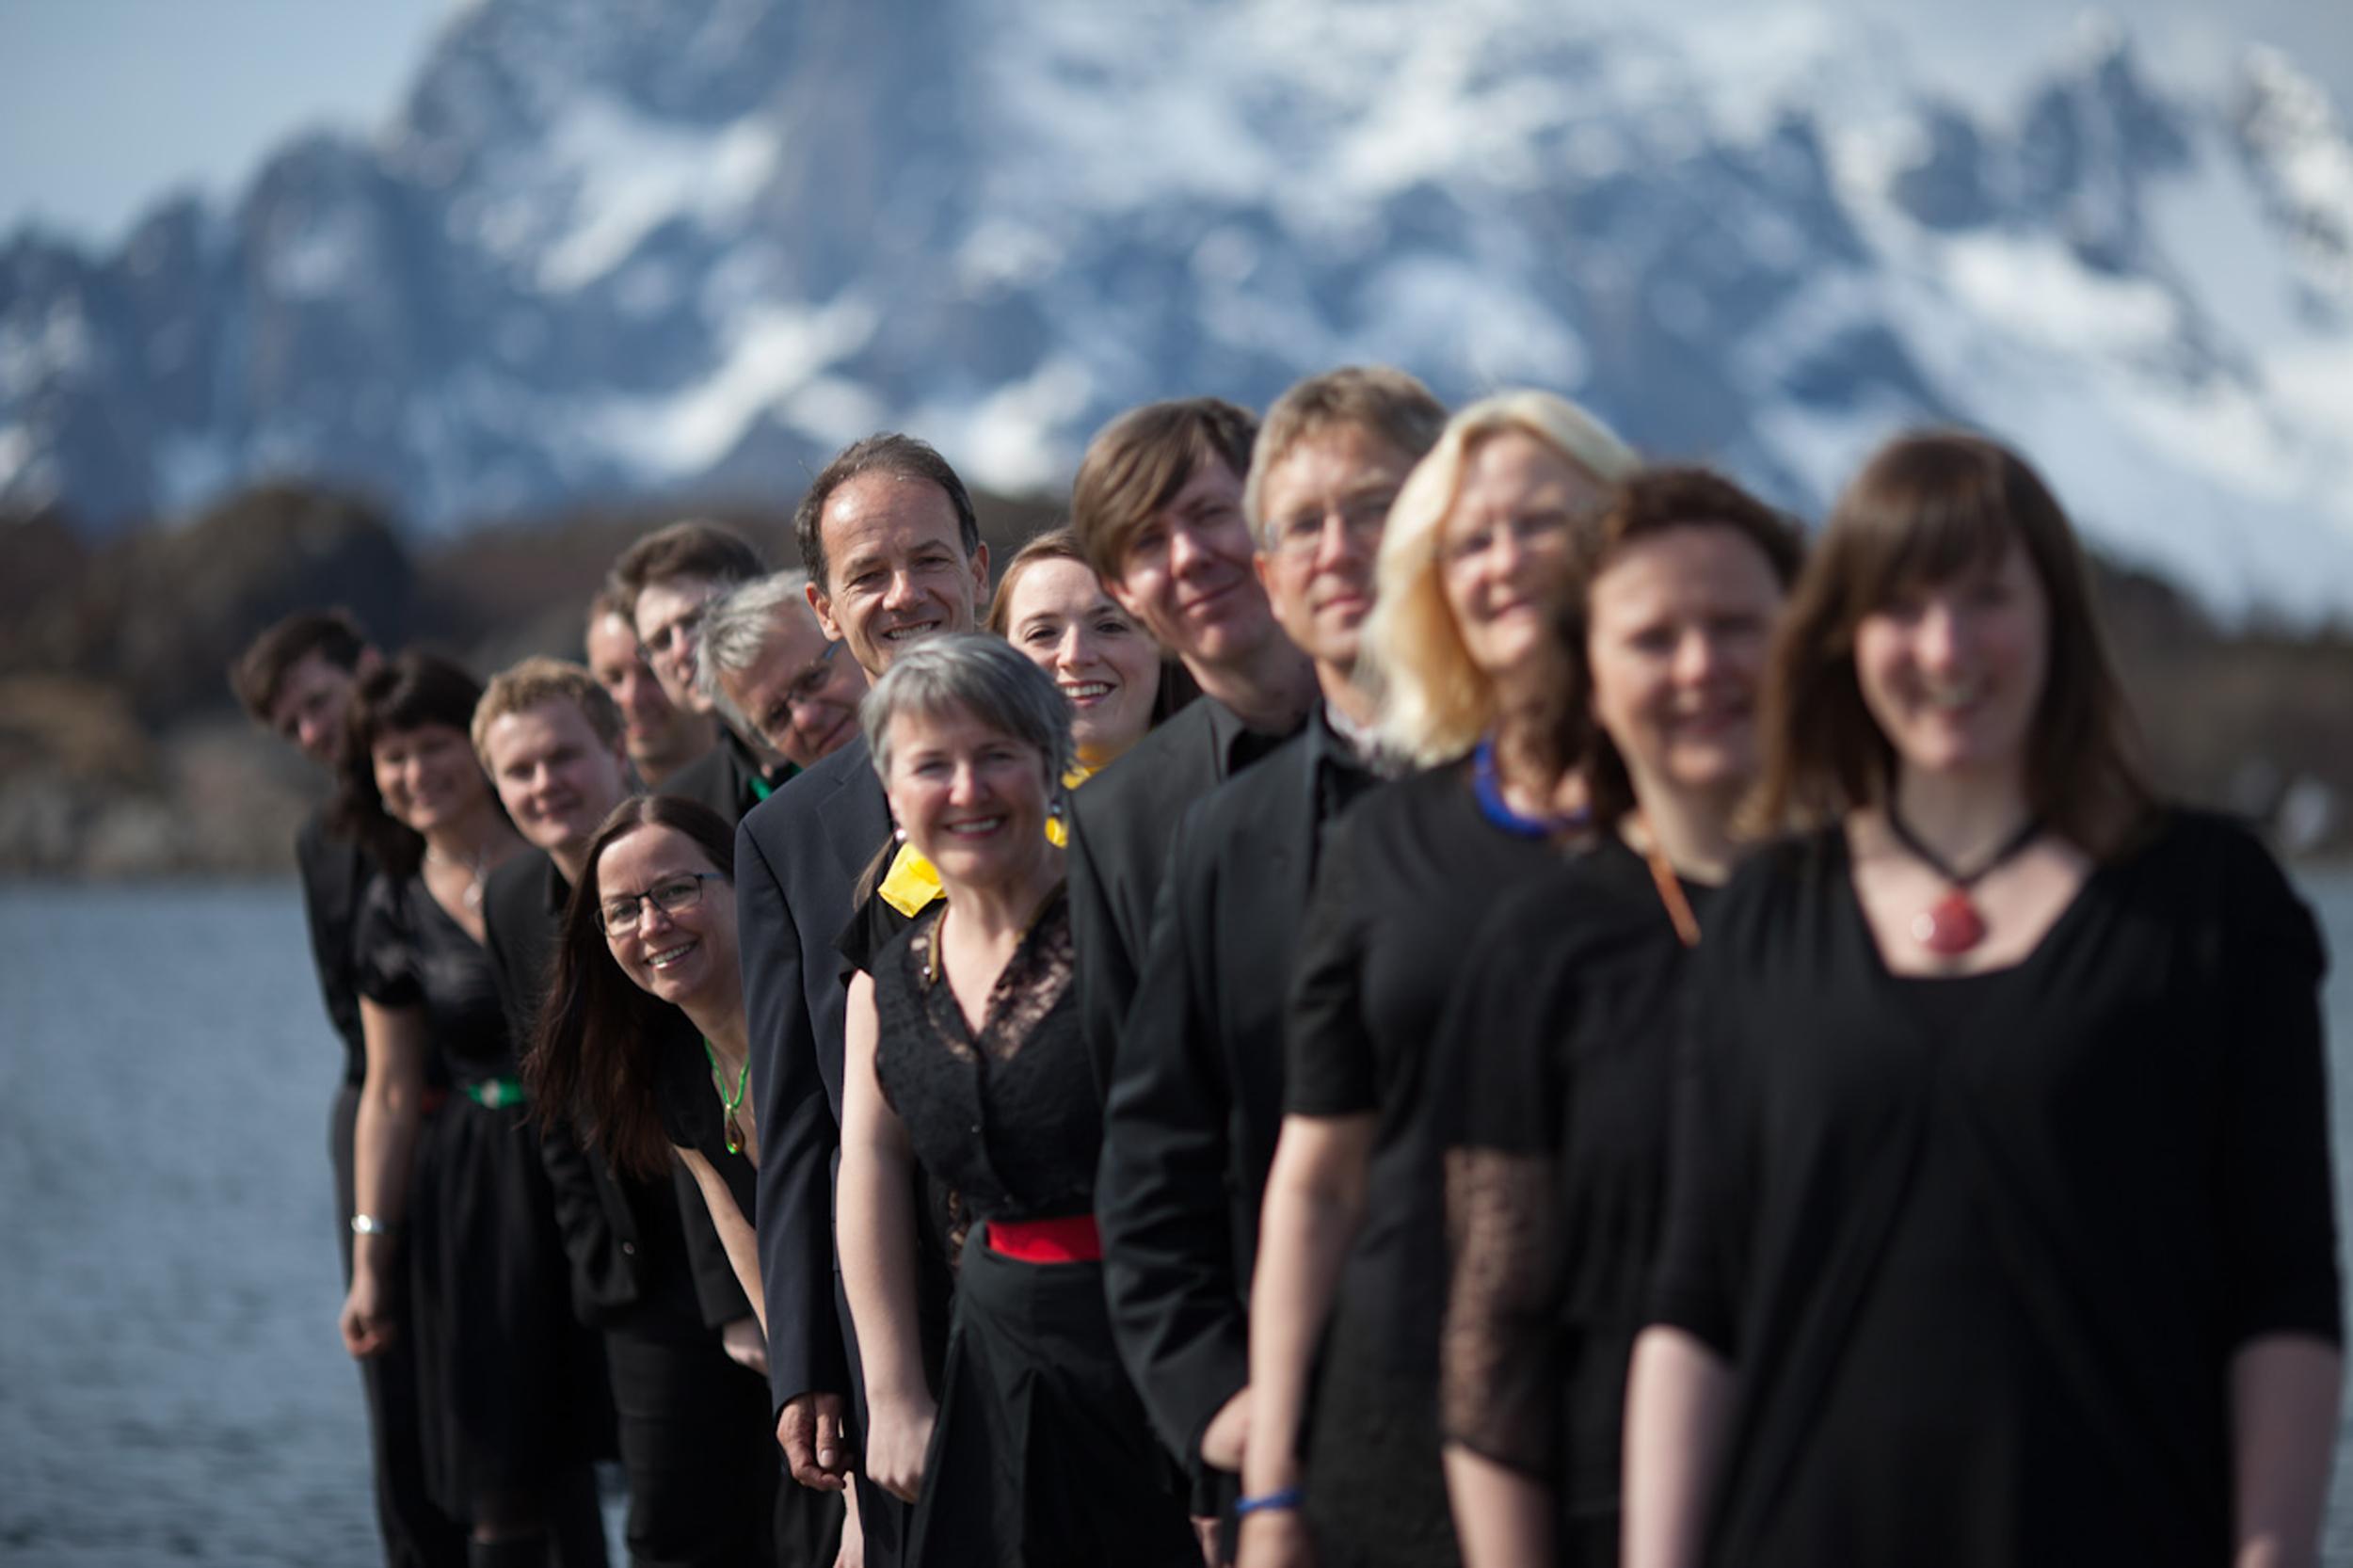 Vokal nord anno 2012. Foto: Kjell Ove Storvik